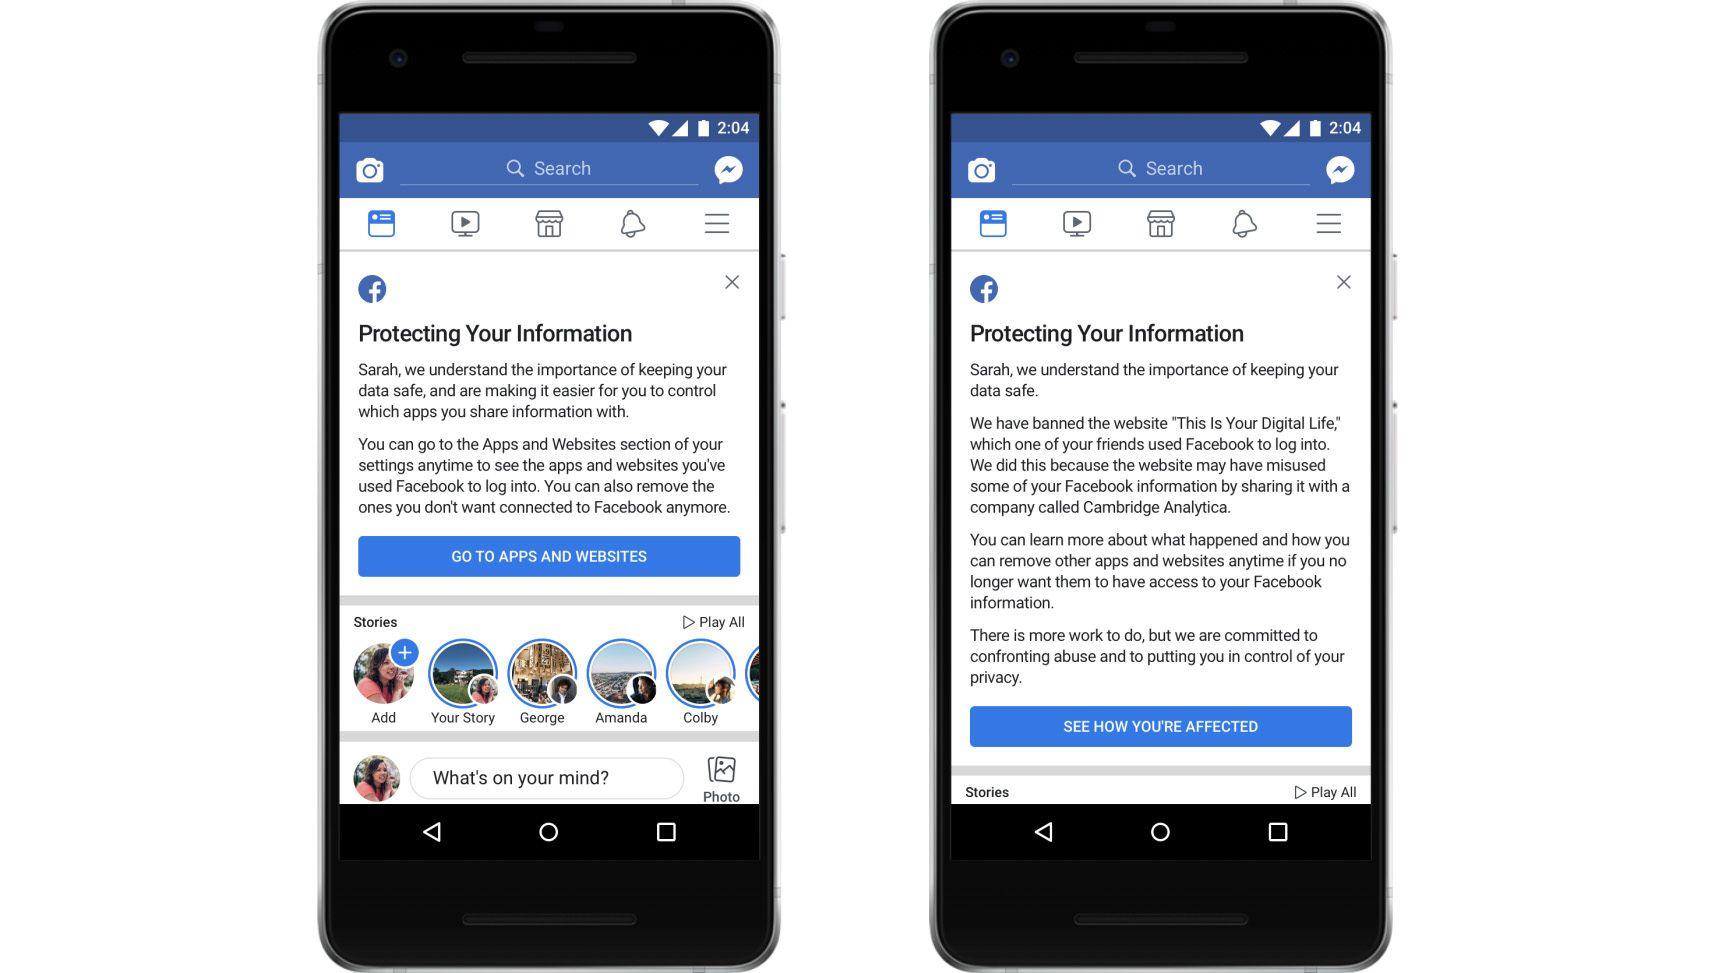 Slik skal Facebook sikre dataene dine bedre